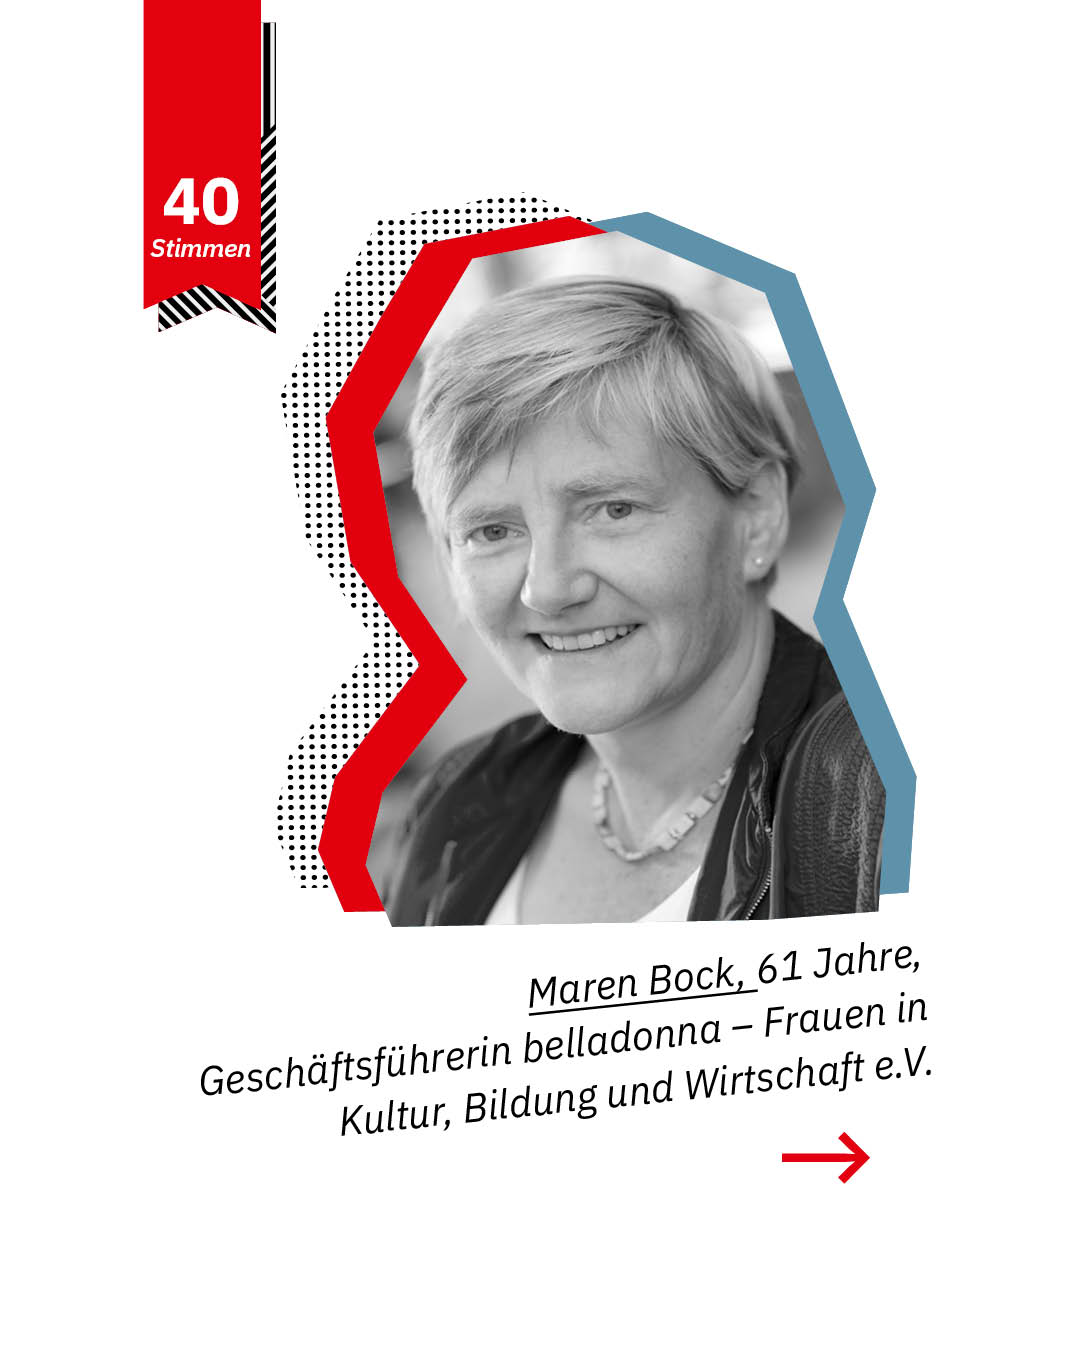 Statement 40 Jahre Gleichberechtigung, Maren Bock, Geschäftsführerin belladonna - Frauen in Kultur, Bildung und Wirtschaft e. V.